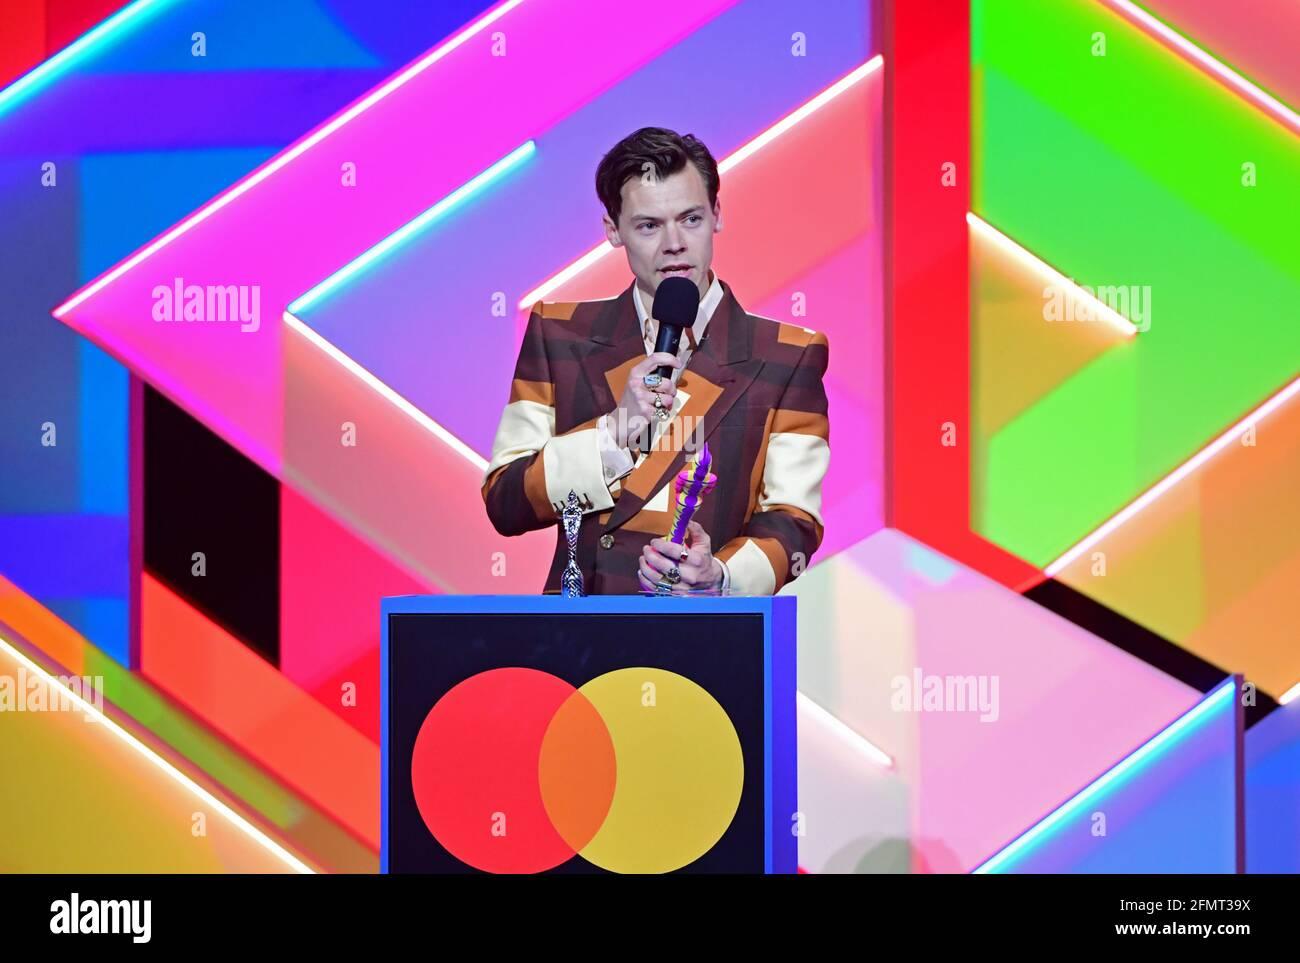 Harry Styles accetta il premio per British Single durante i Brit Awards 2021 all'O2 Arena di Londra. Data immagine: Martedì 11 maggio 2021. Foto Stock